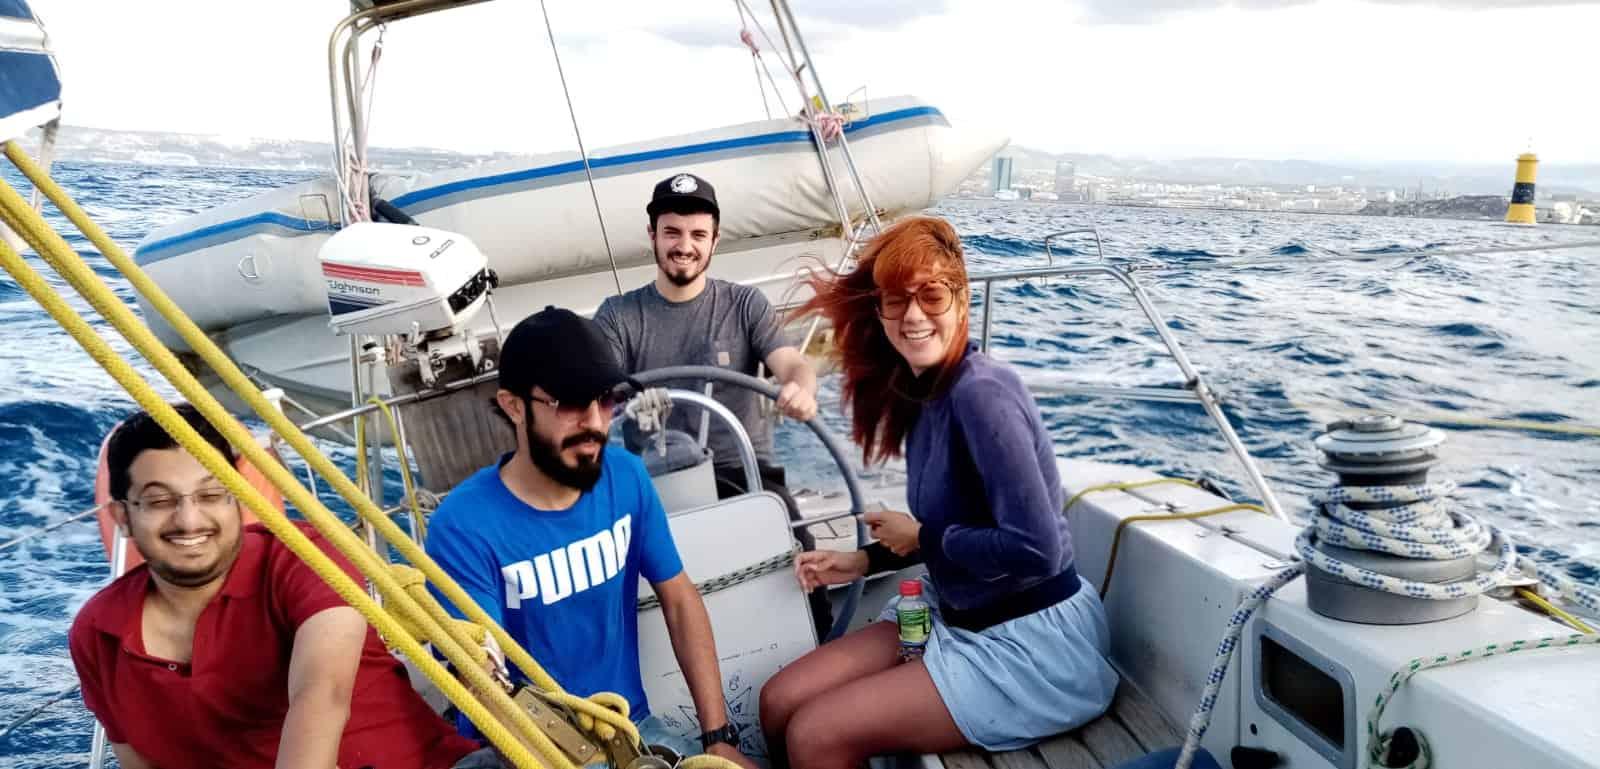 Sailing-marseille.jpeg